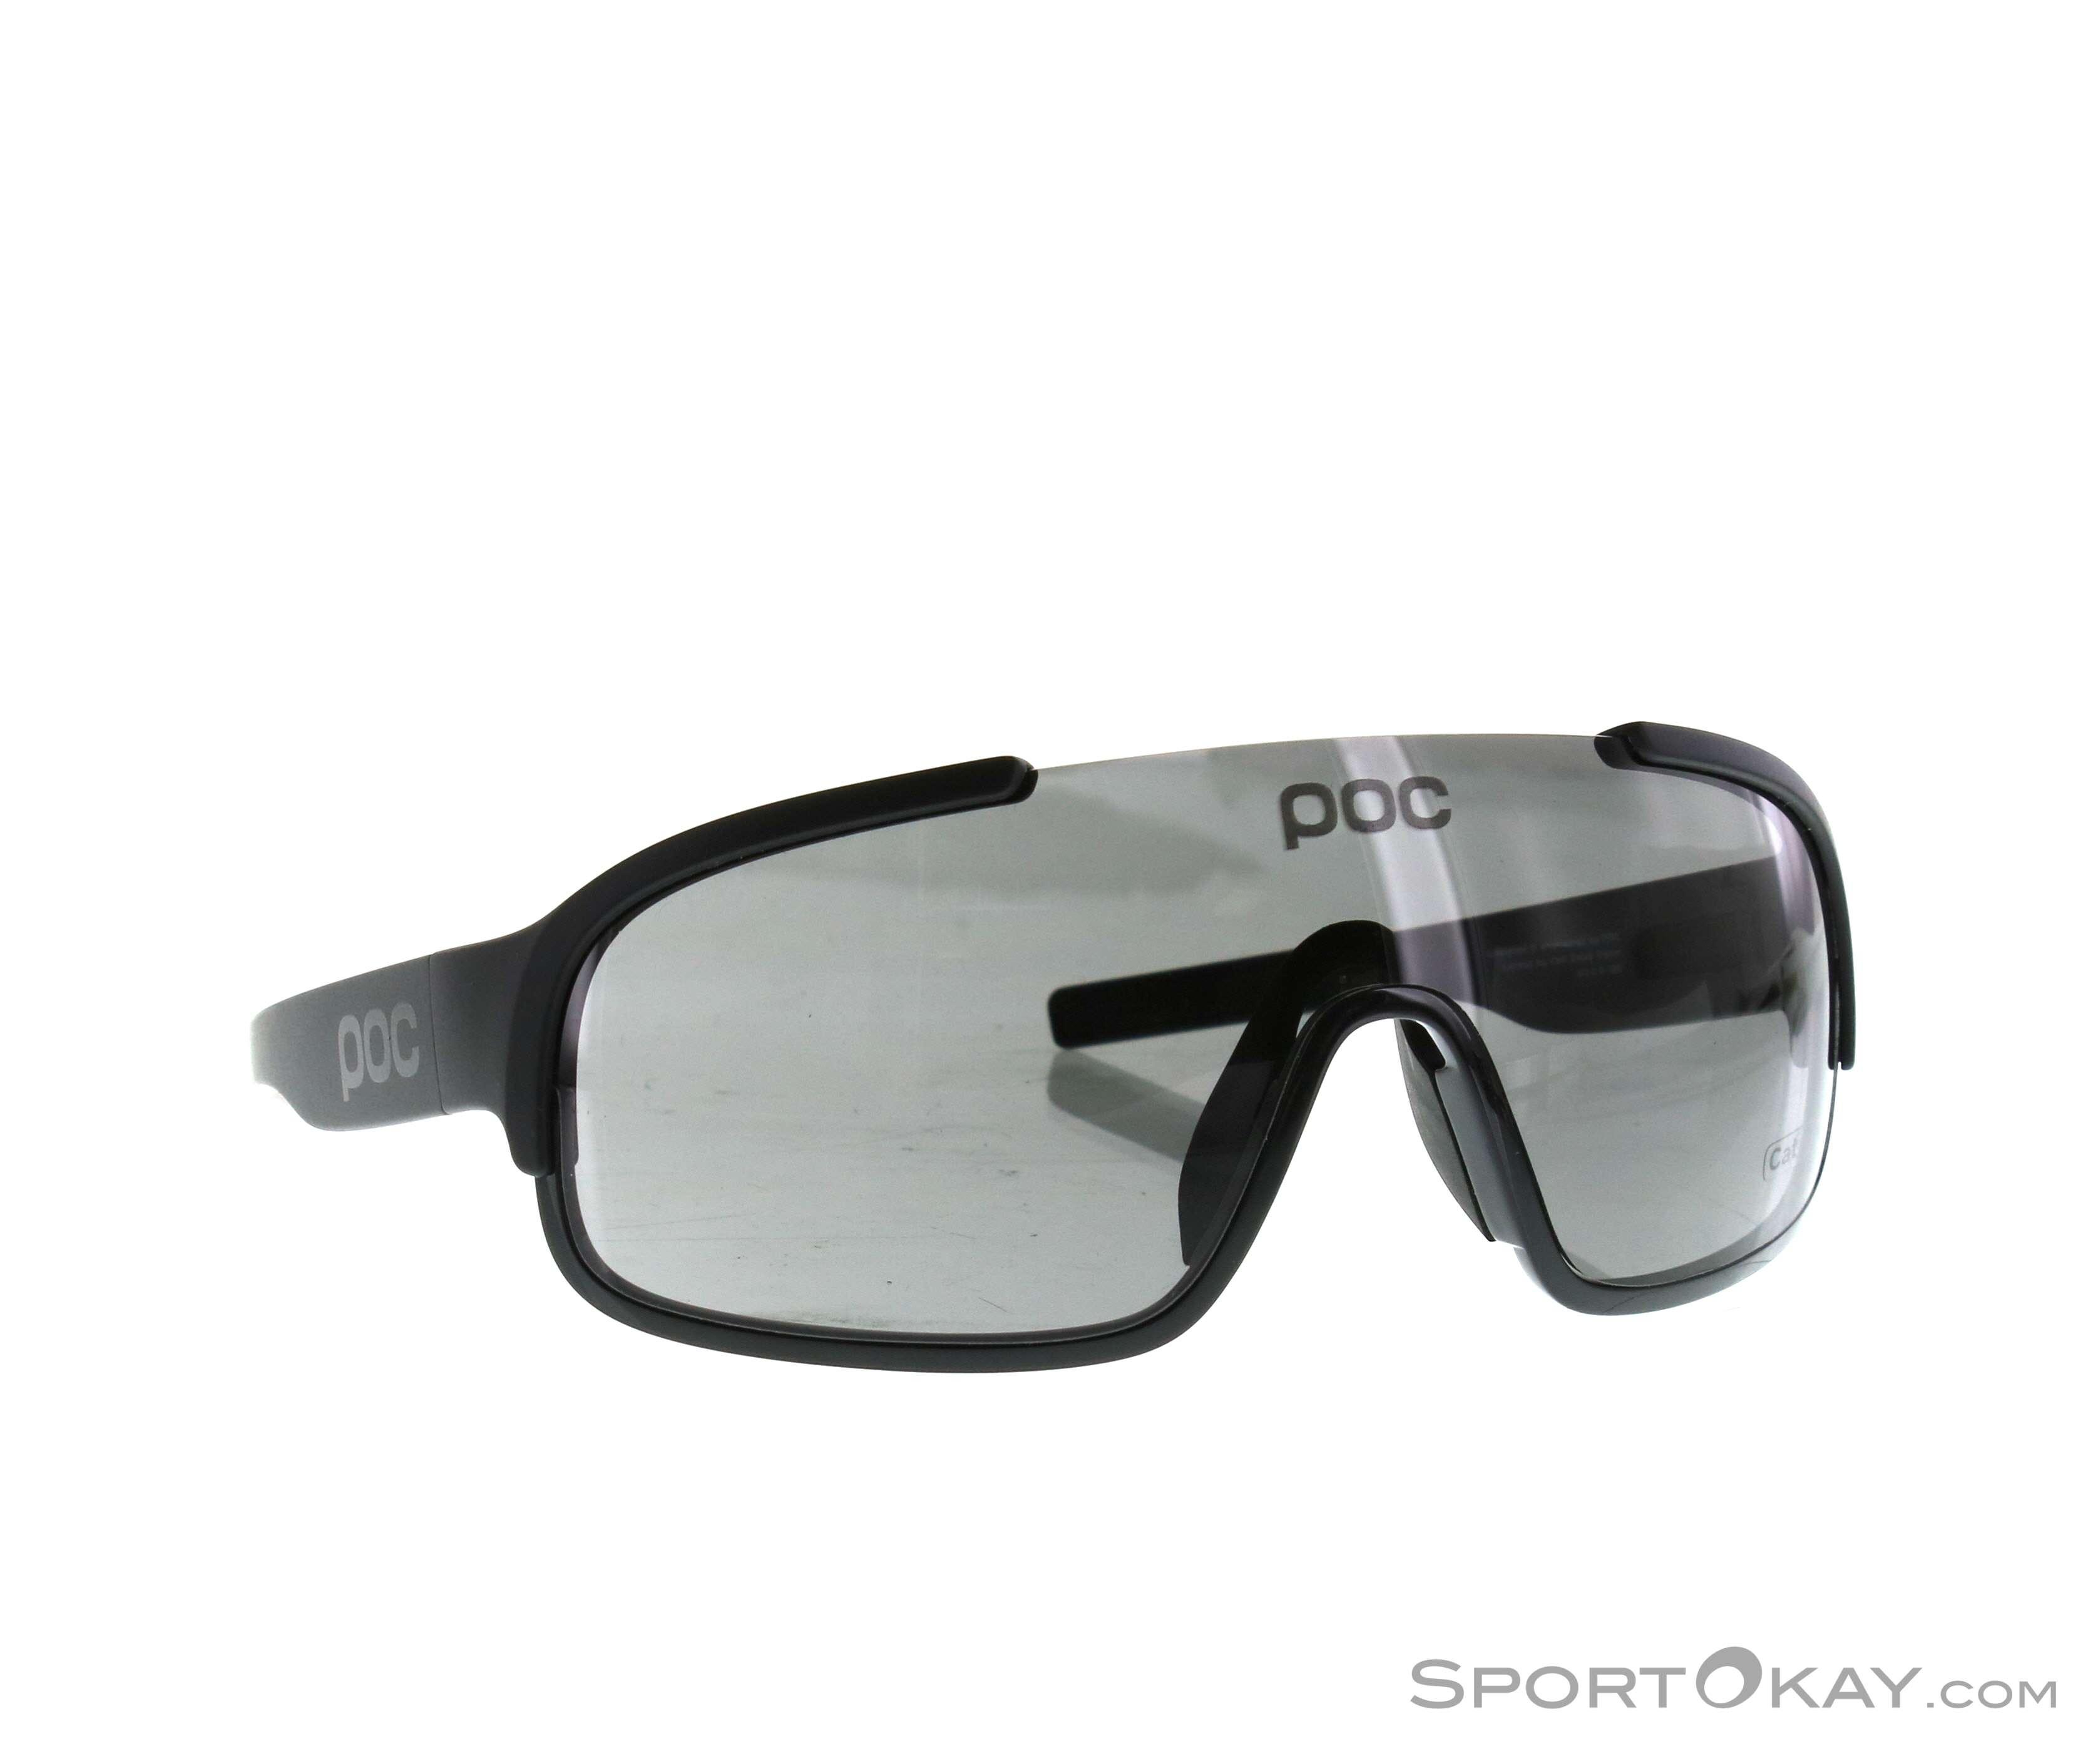 015197cb489e POC Crave Biking Glasses - Sports Sunglasses - Sunglasses - Fashion ...